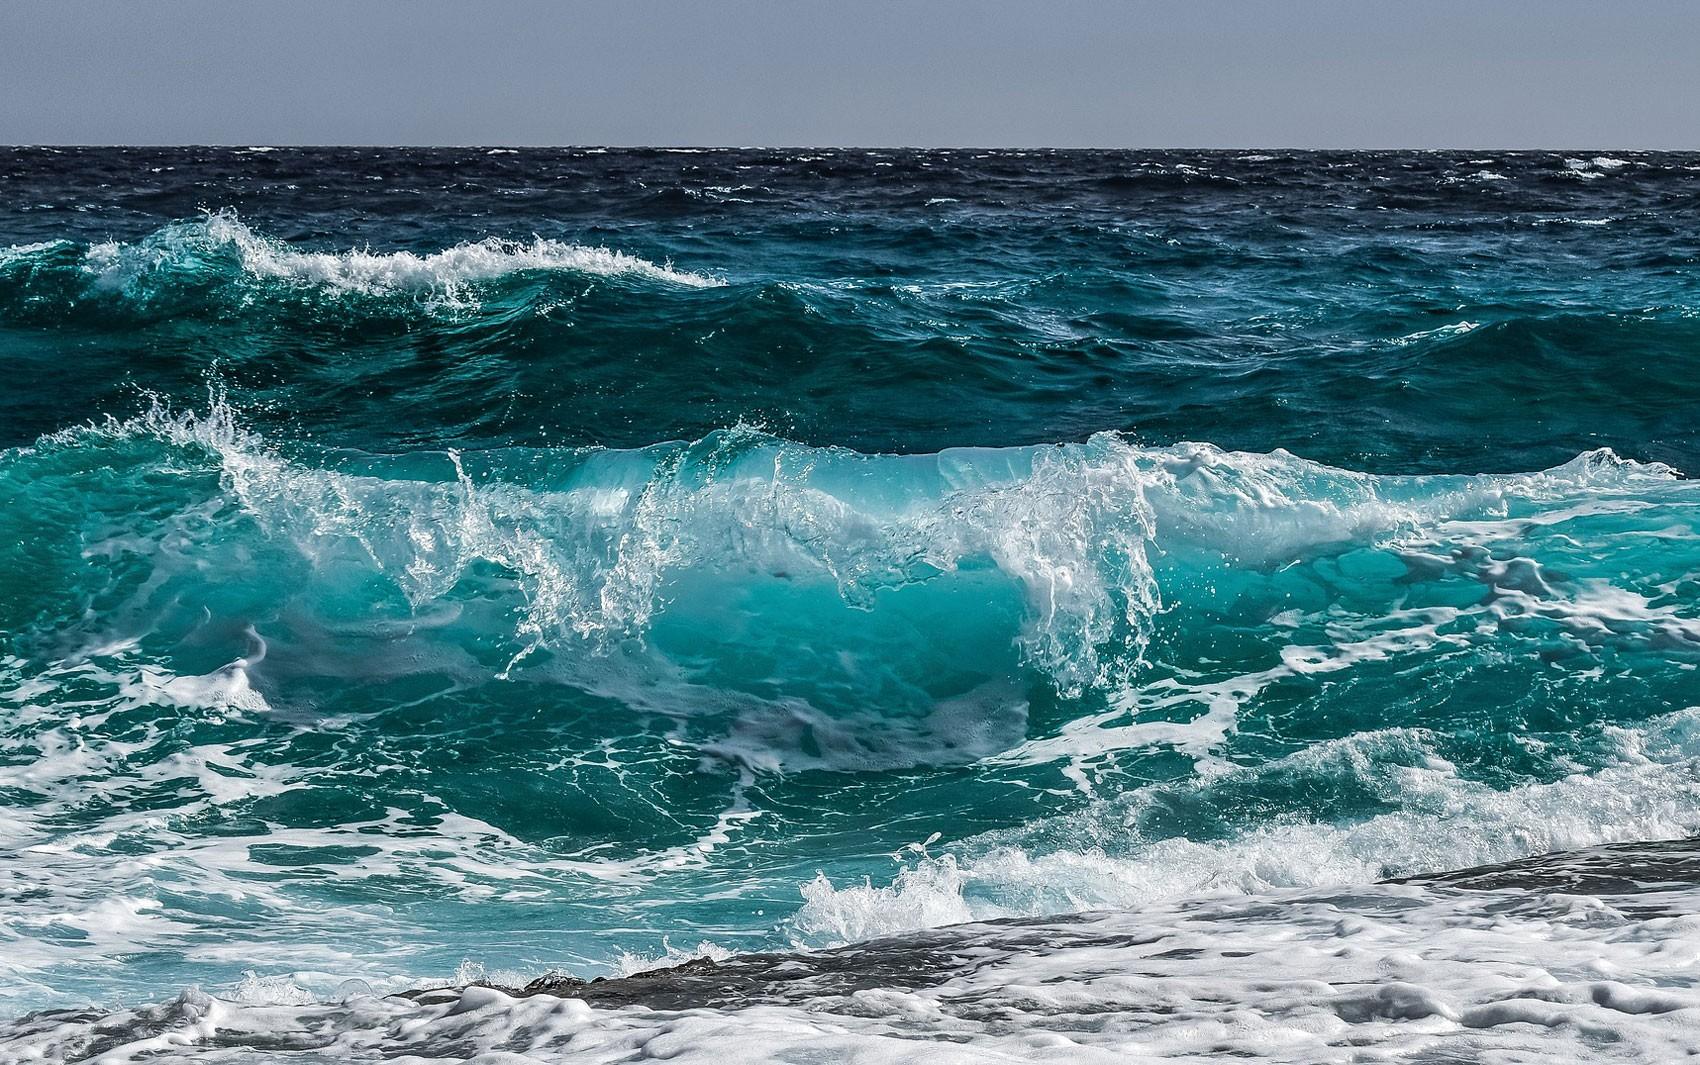 Oceanos se aquecem mais rápido que o esperado e batem recorde de calor em 2018, dizem cientistas